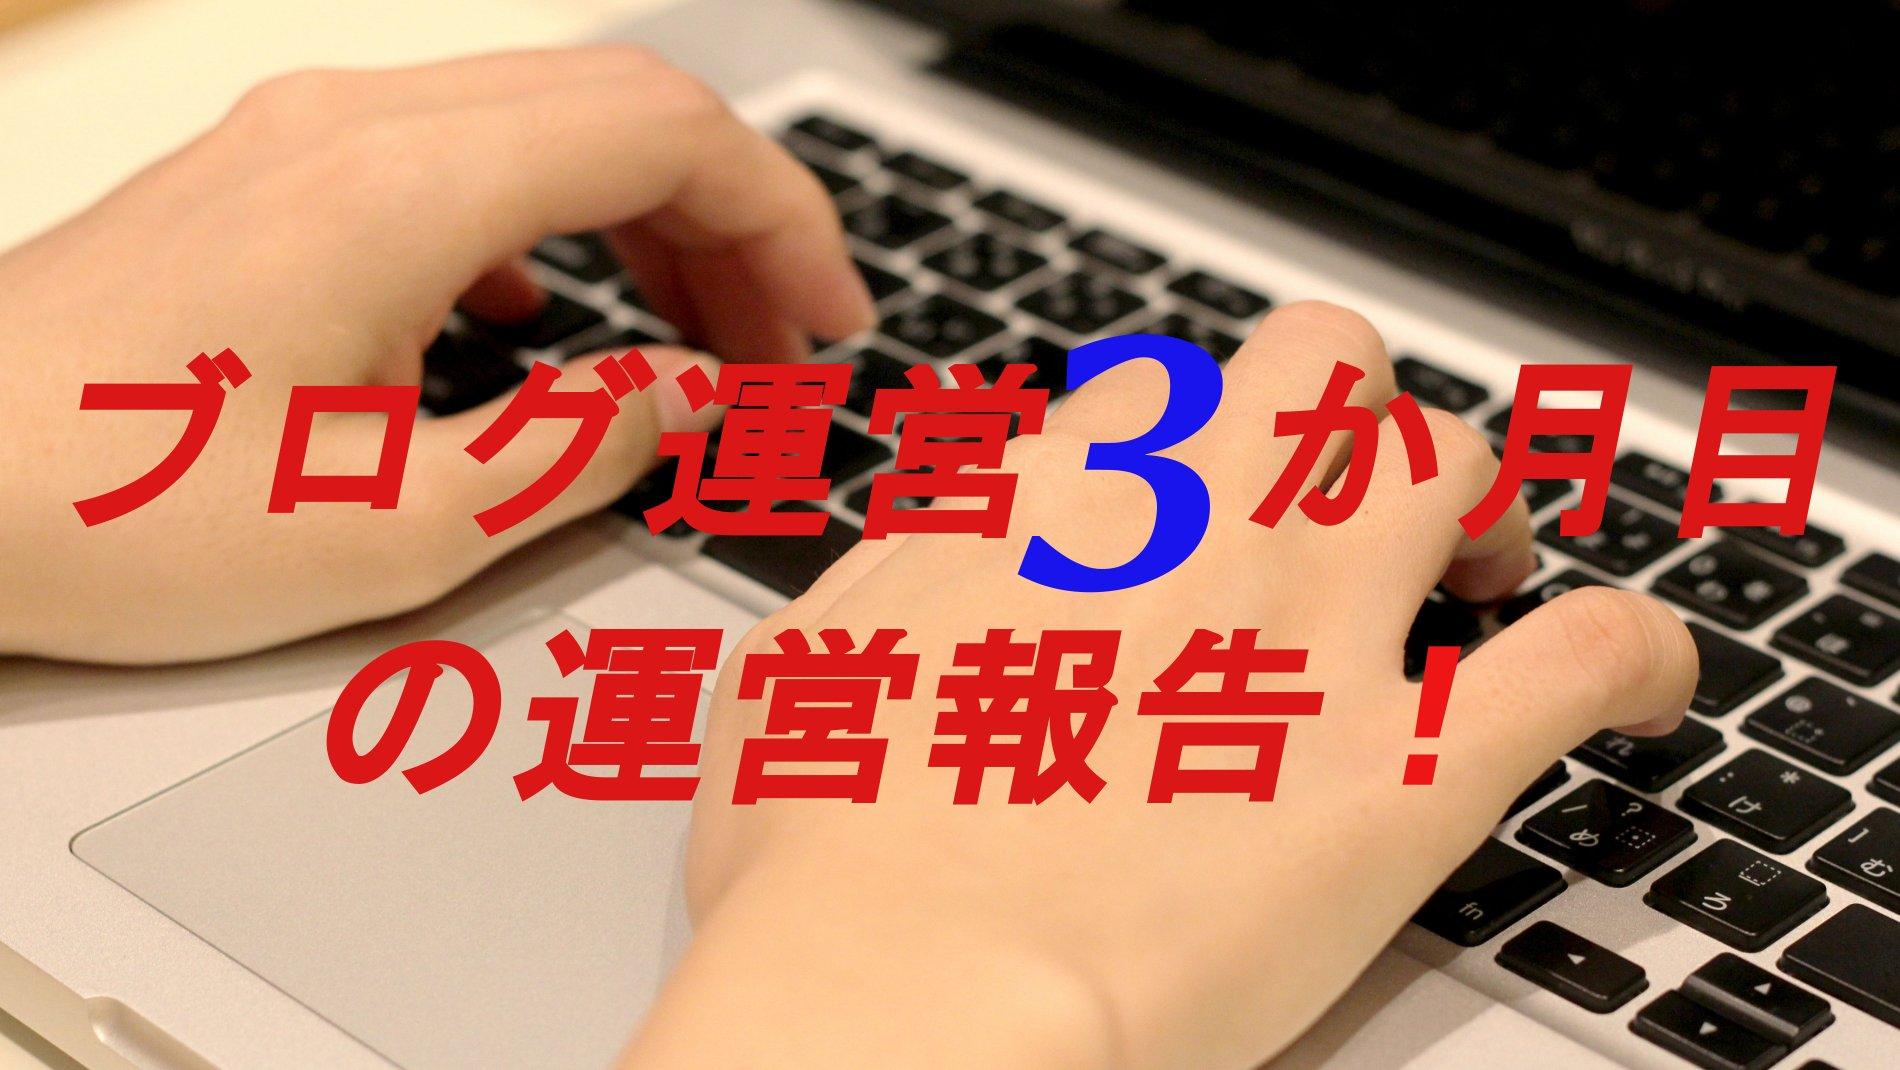 【ブログ開設3か月】運営報告!検索流入が増えてきてPV数も増えてきた!